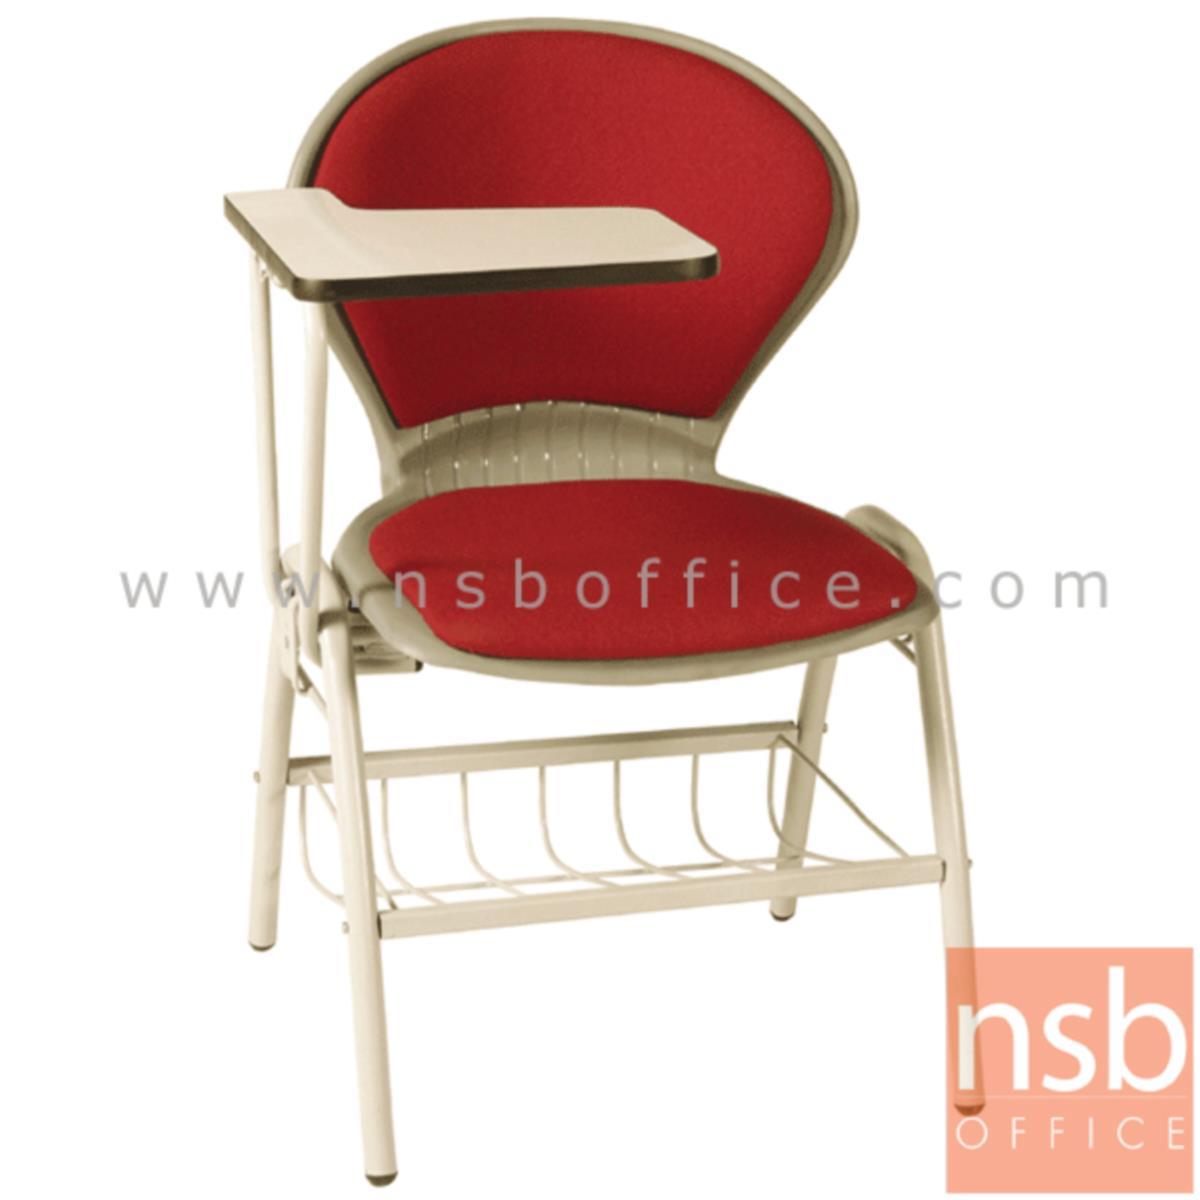 เก้าอี้เลคเชอร์เฟรมโพลี่ รุ่น C076-466 (มีตะแกรงวางของ) ขาเหล็กพ่นสี